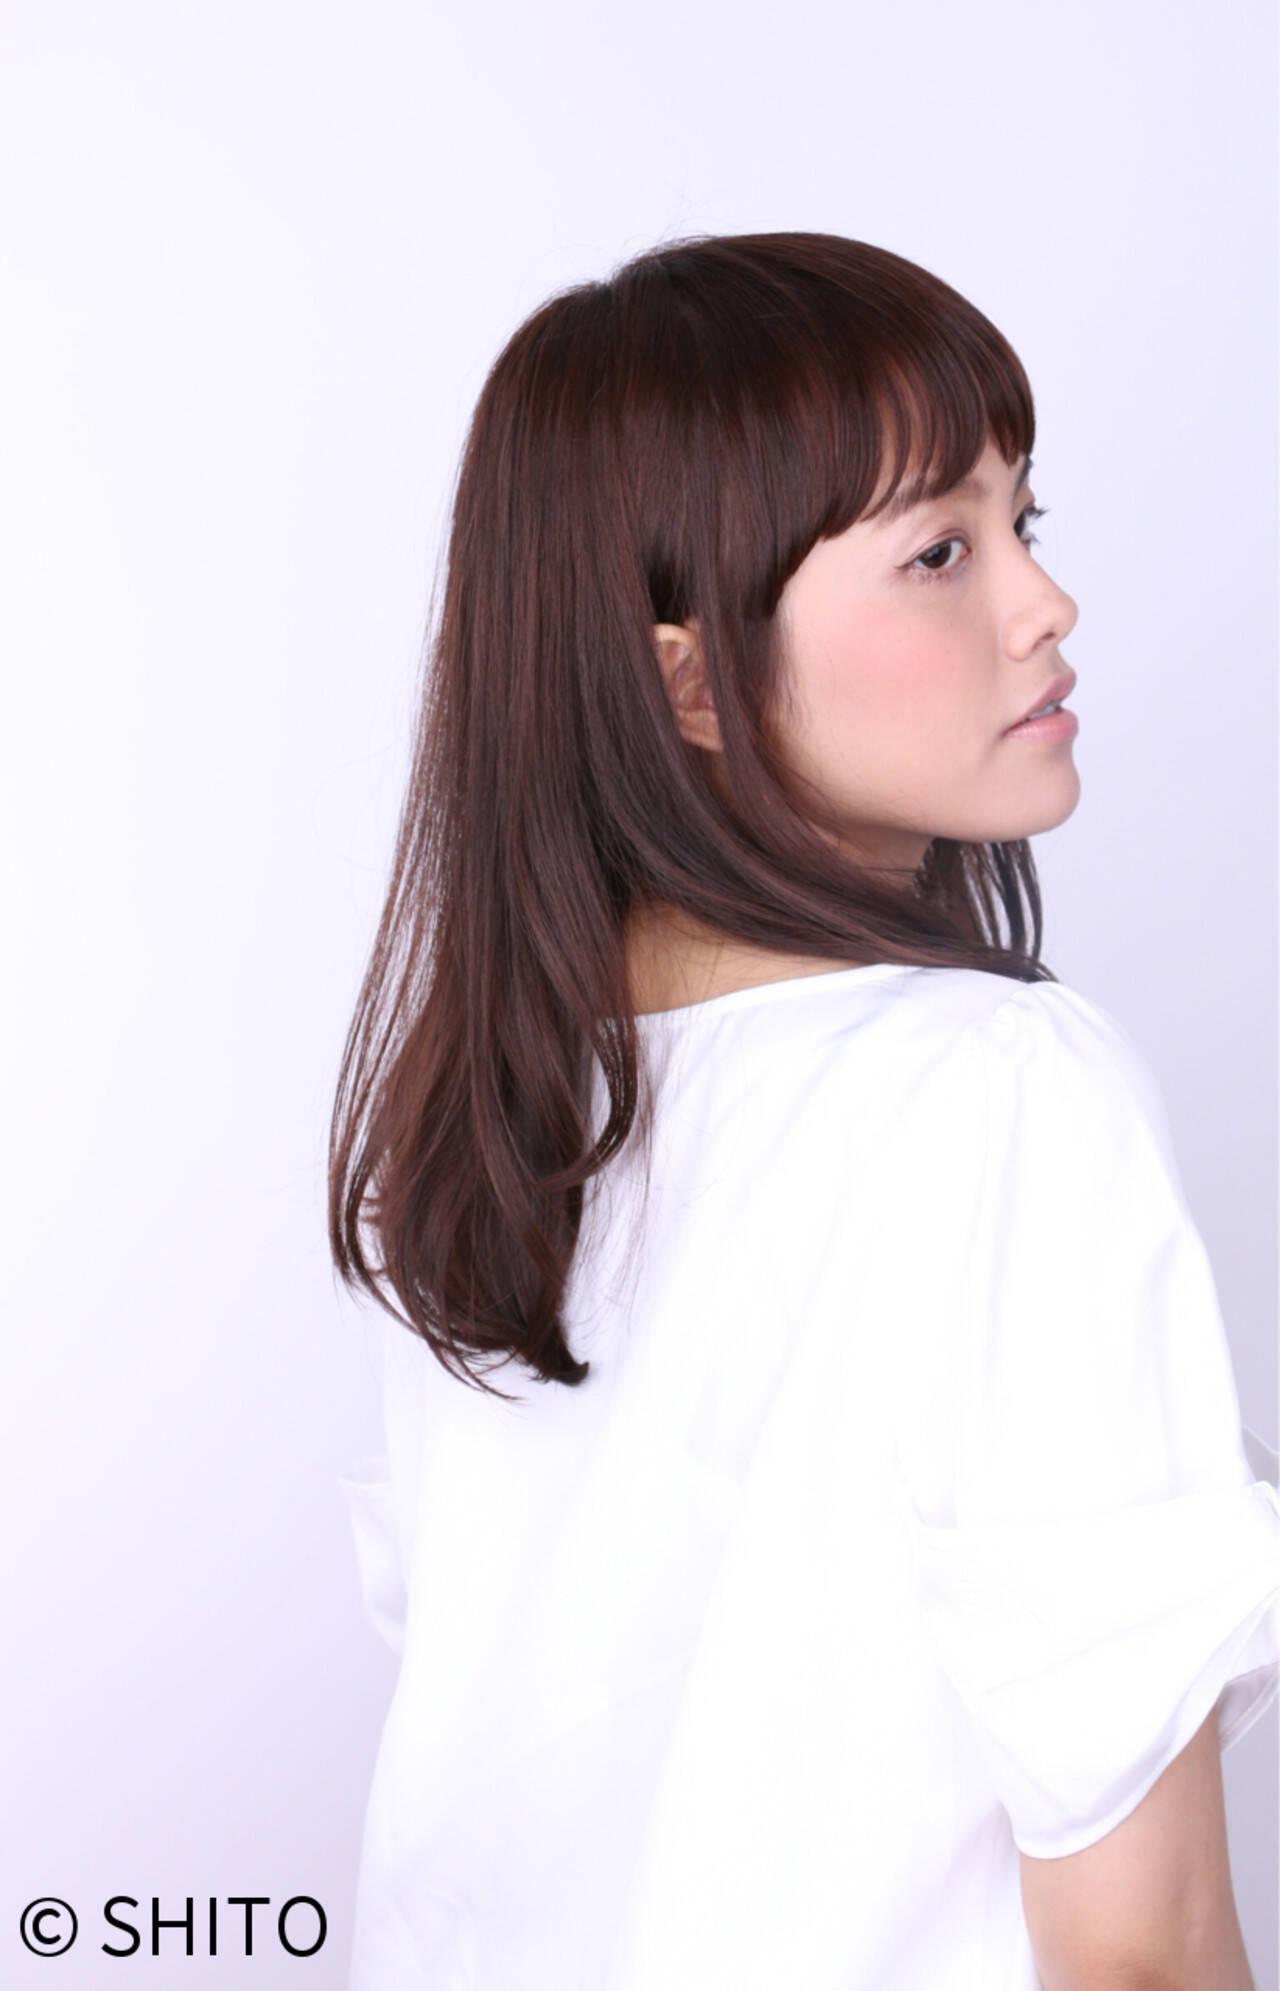 艶髪 ナチュラル ゆるふわ ブルージュヘアスタイルや髪型の写真・画像